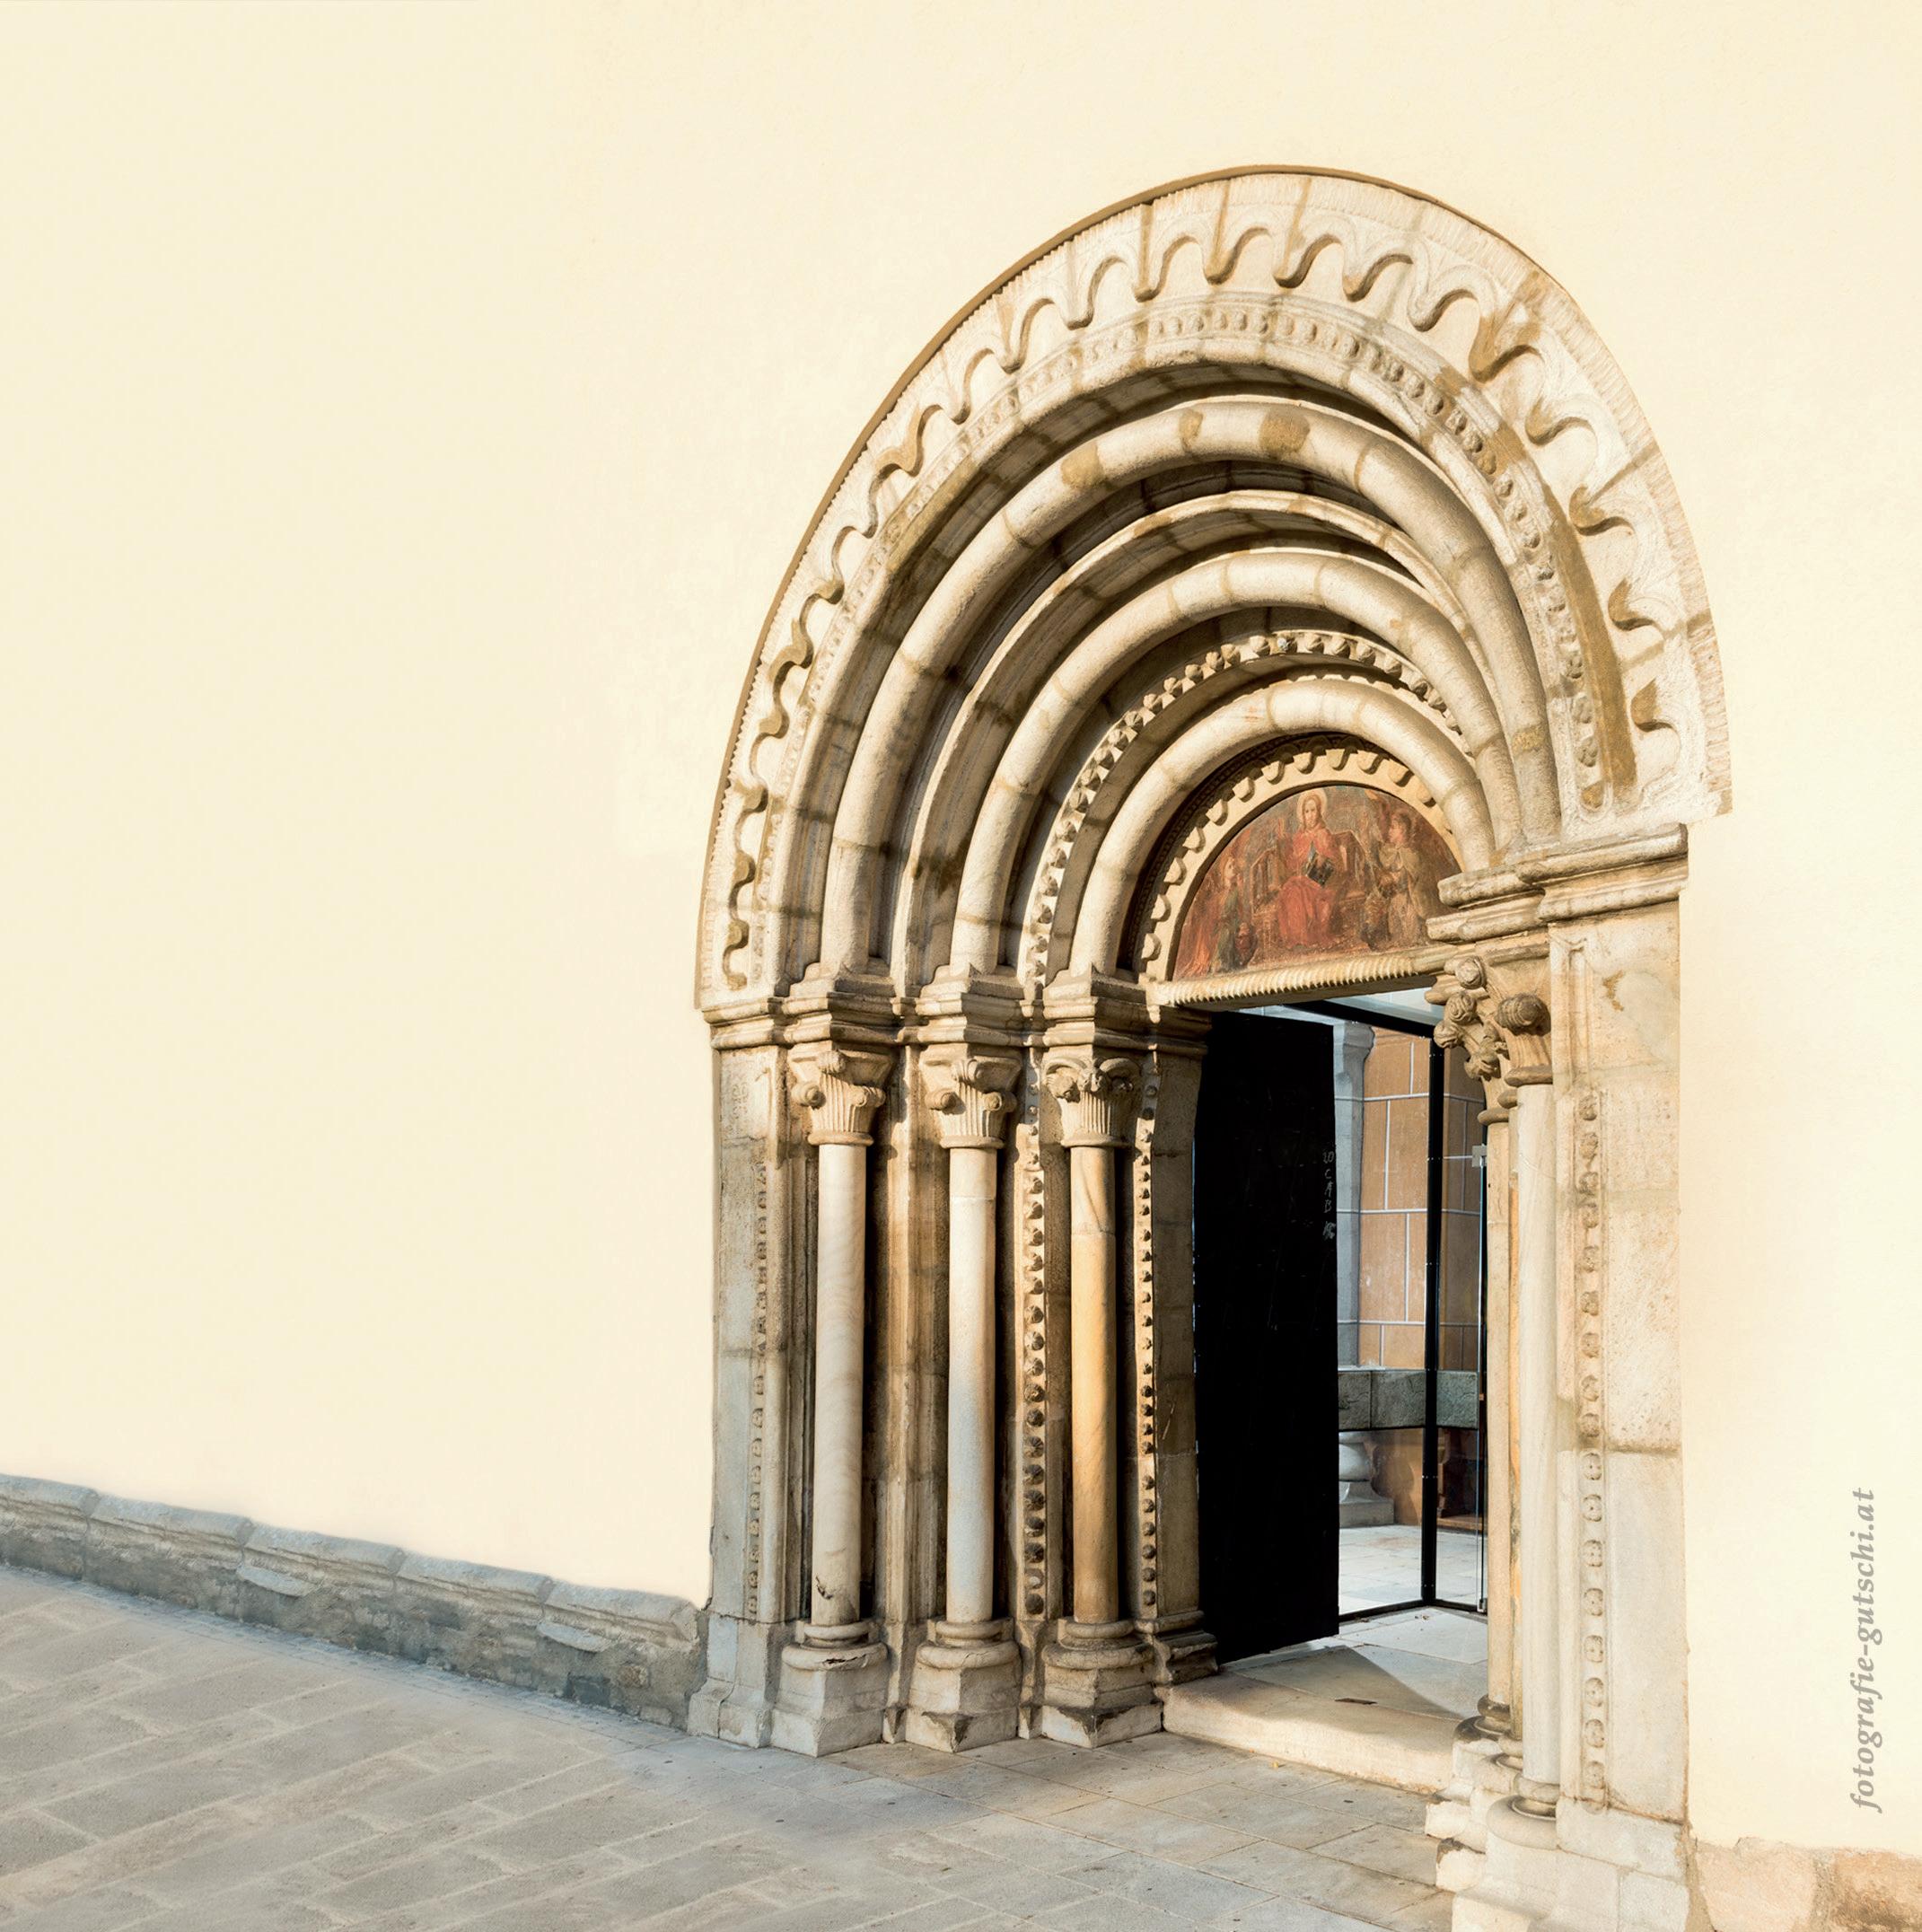 Kostbarkeiten in unseren Gotteshäusern. Das romanische Portal unserer Stadtpfarrkirche